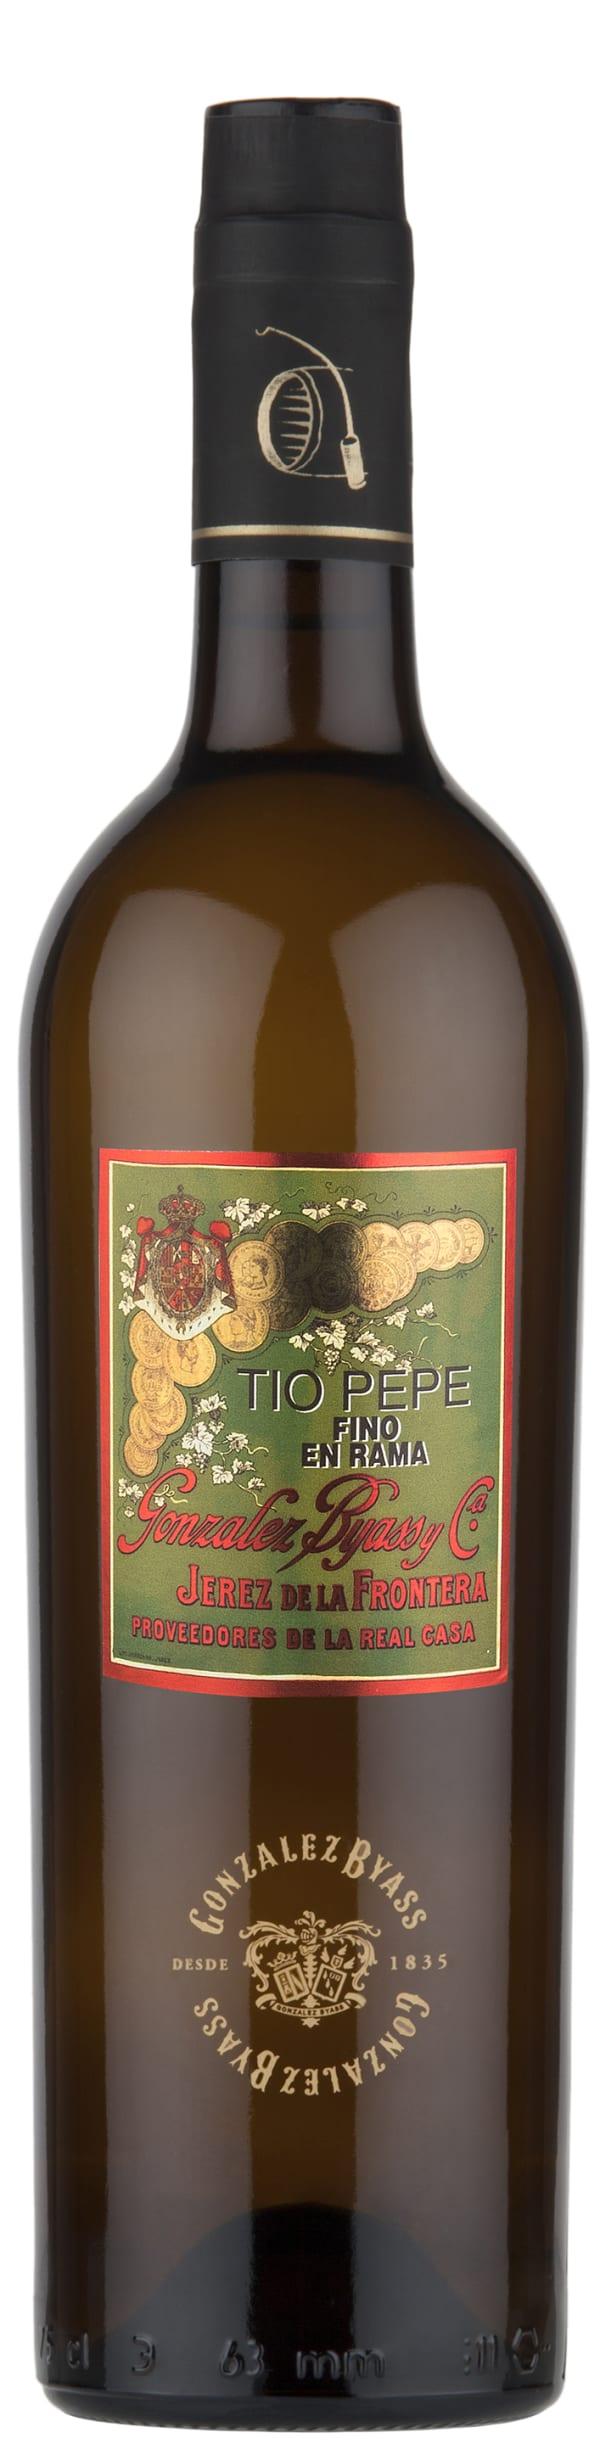 Tio Pepe Fino en Rama